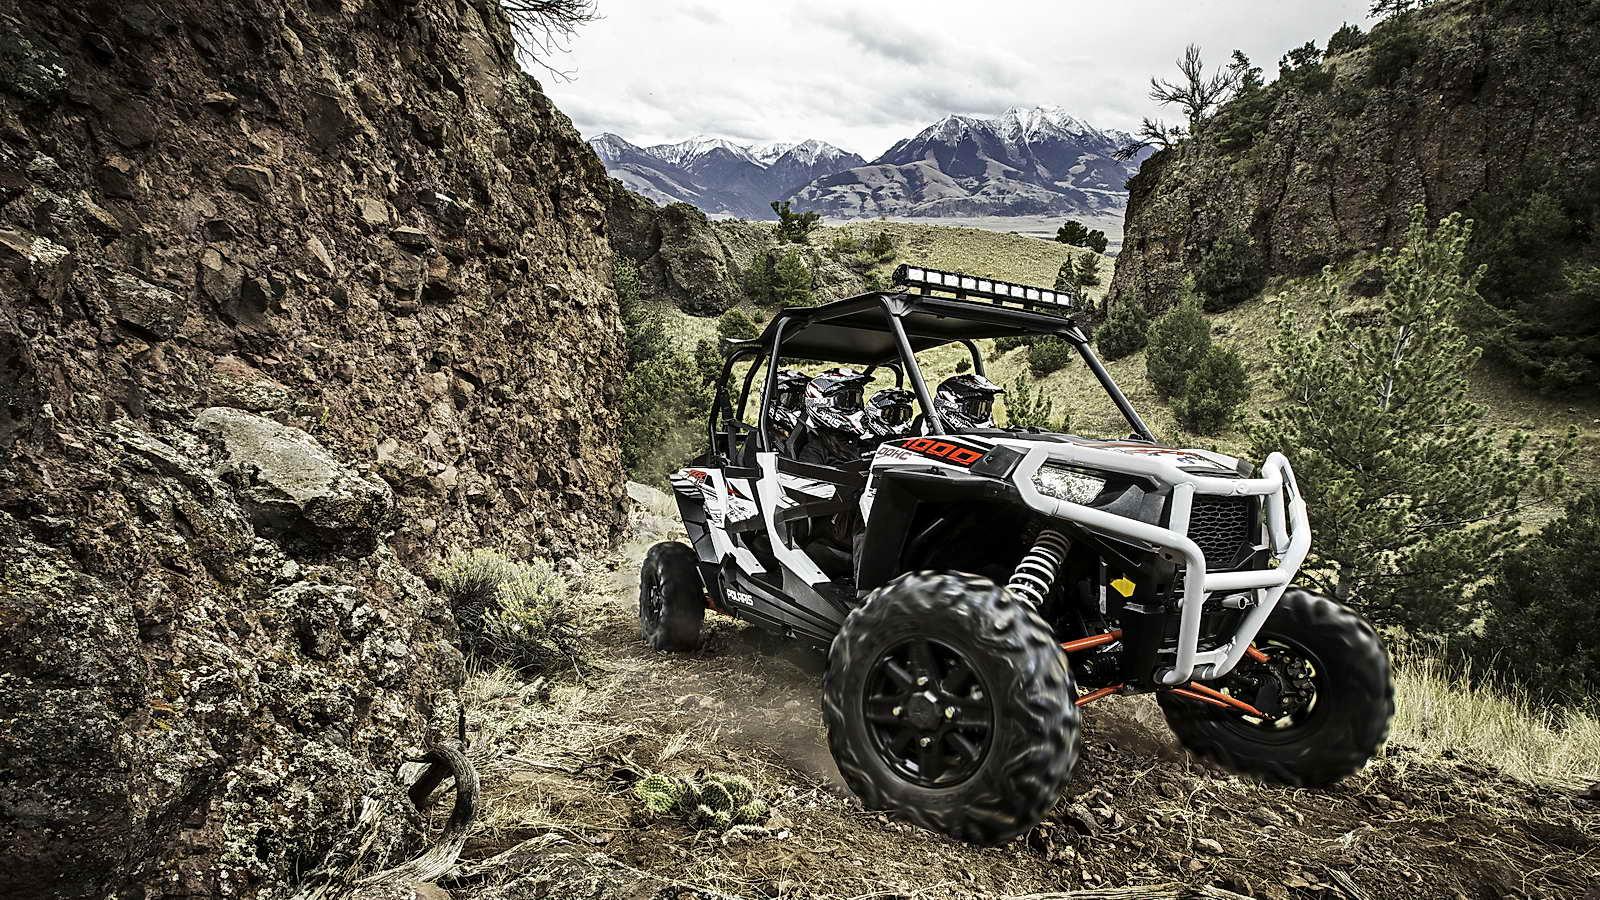 2019 Honda Rancher 420 4x4 ATV Review  Specs  TRX420FM1